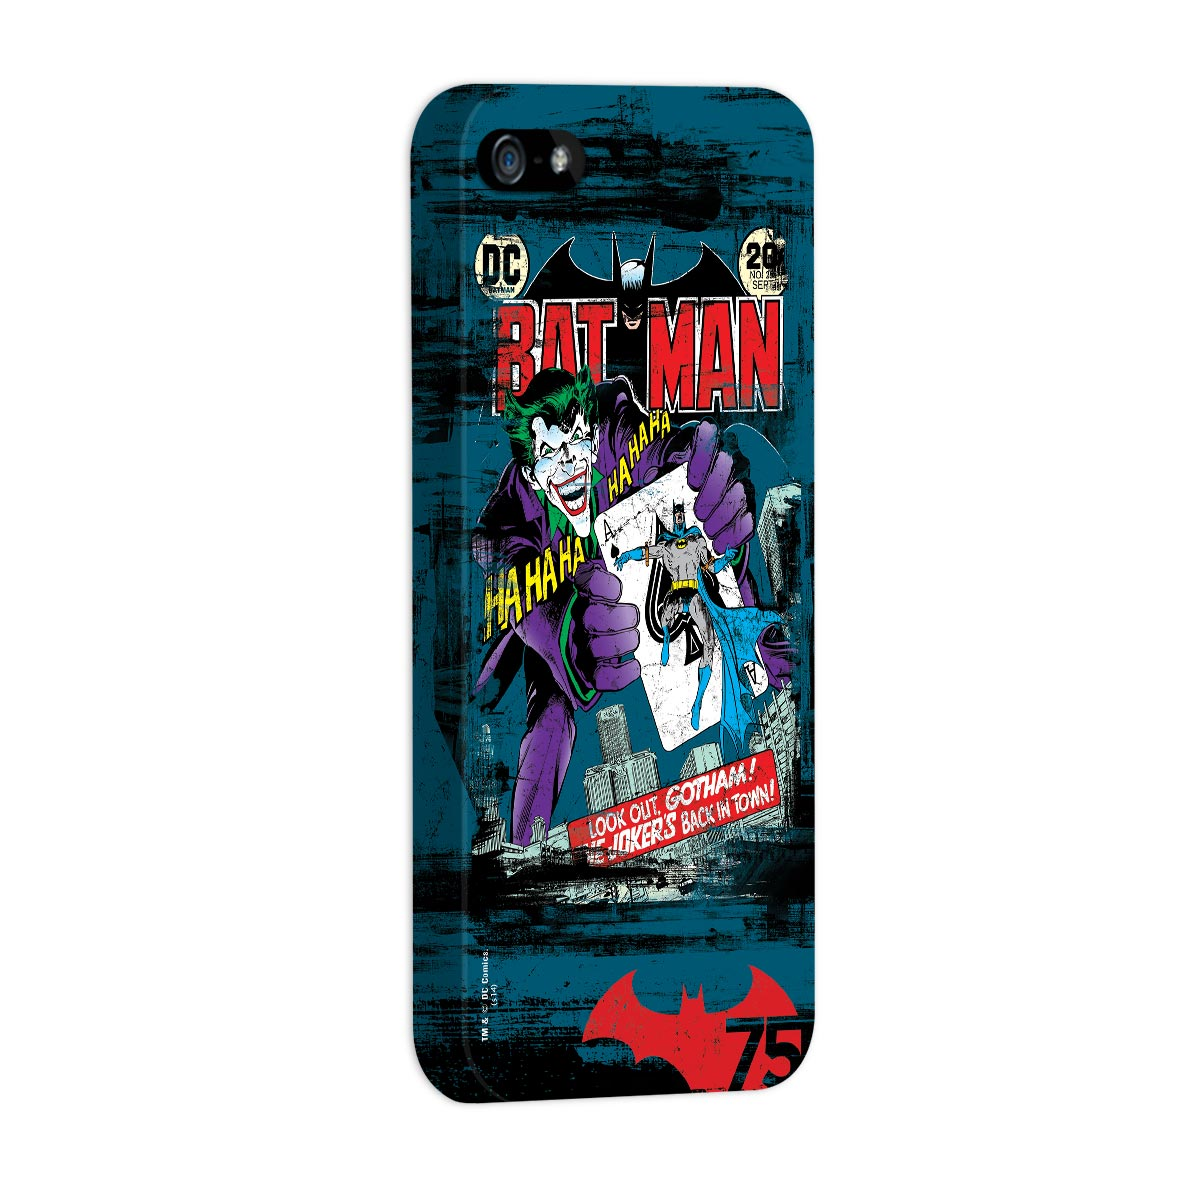 Capa de iPhone 5/5S Batman 75 Anos HQ Nº251